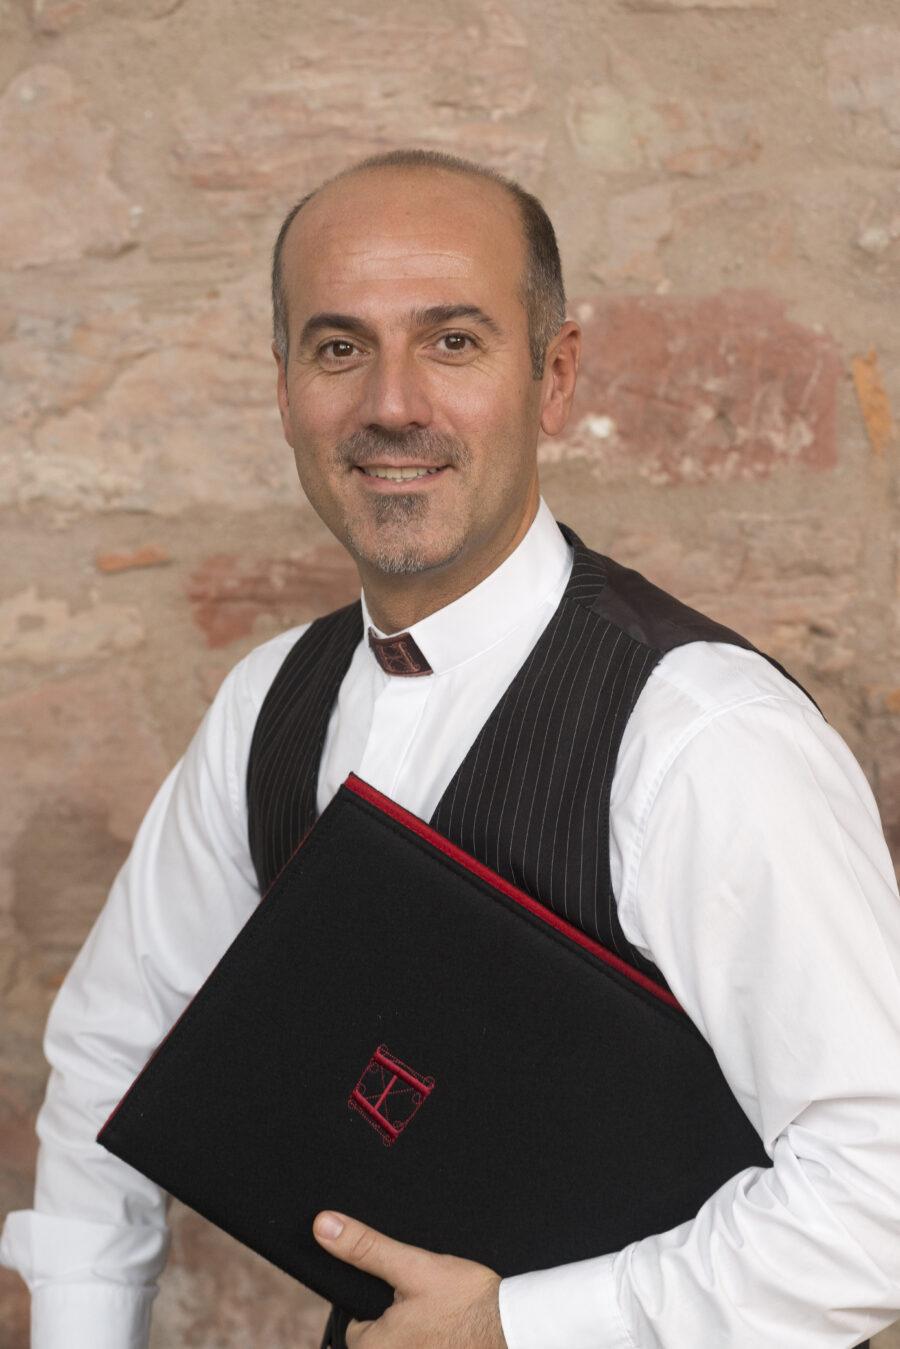 Yalcin Dolgun, Sommelier und Restaurantleiter, Hotel Kloster Hornbach, Beruf Sommelier, Weinkenner